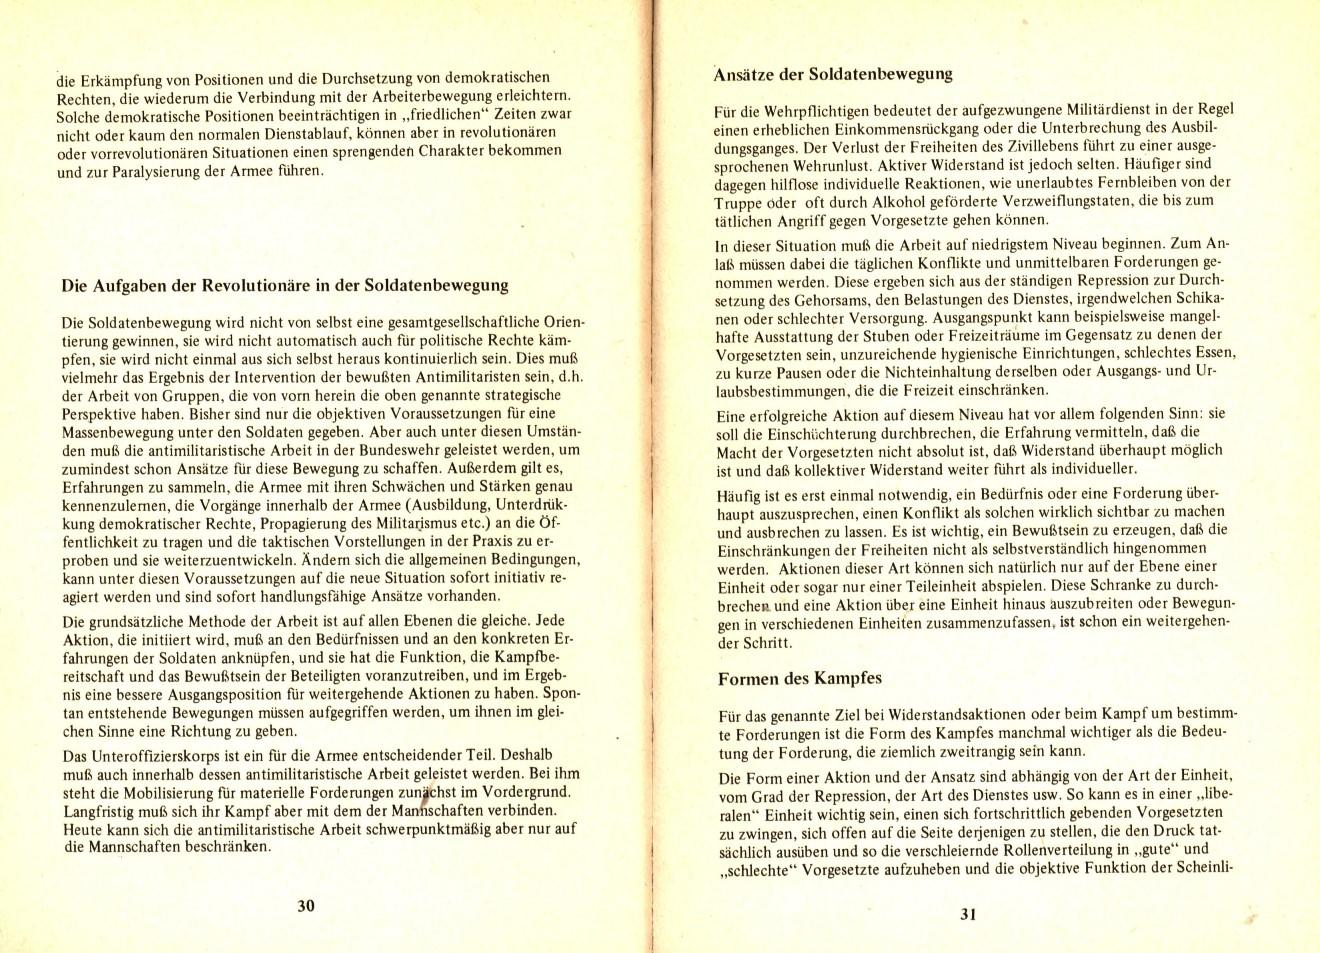 GIM_1976_Militaerpolitisches_Programm_17